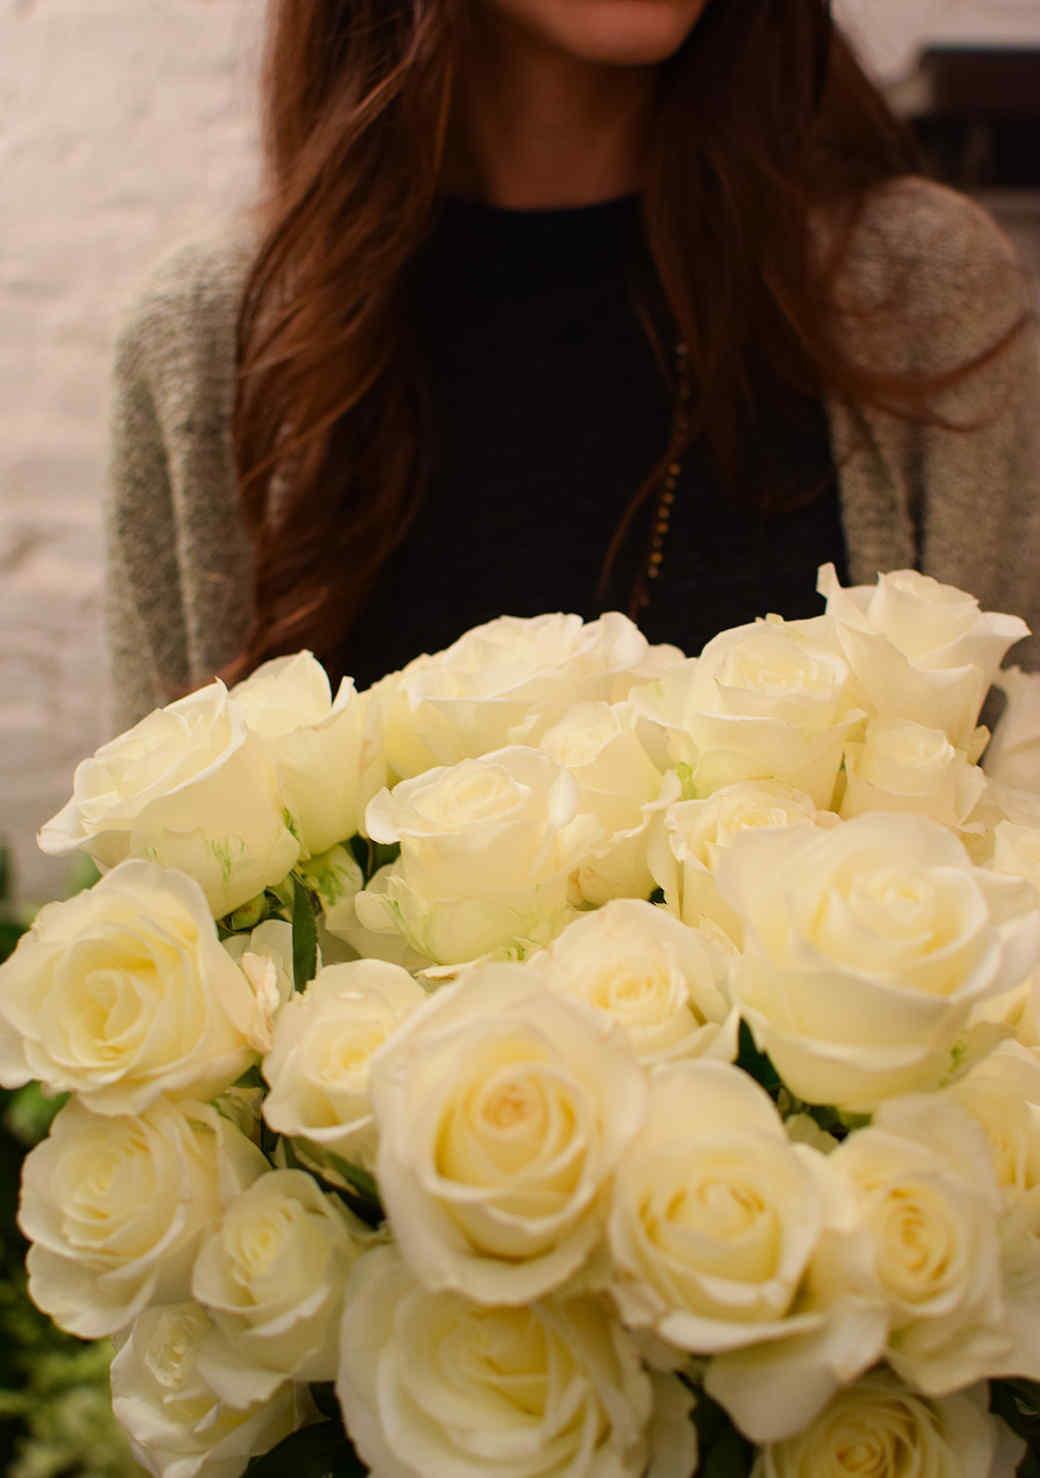 flowergirl-nyc-lm-visit-0316-11.jpg (skyword:244863)